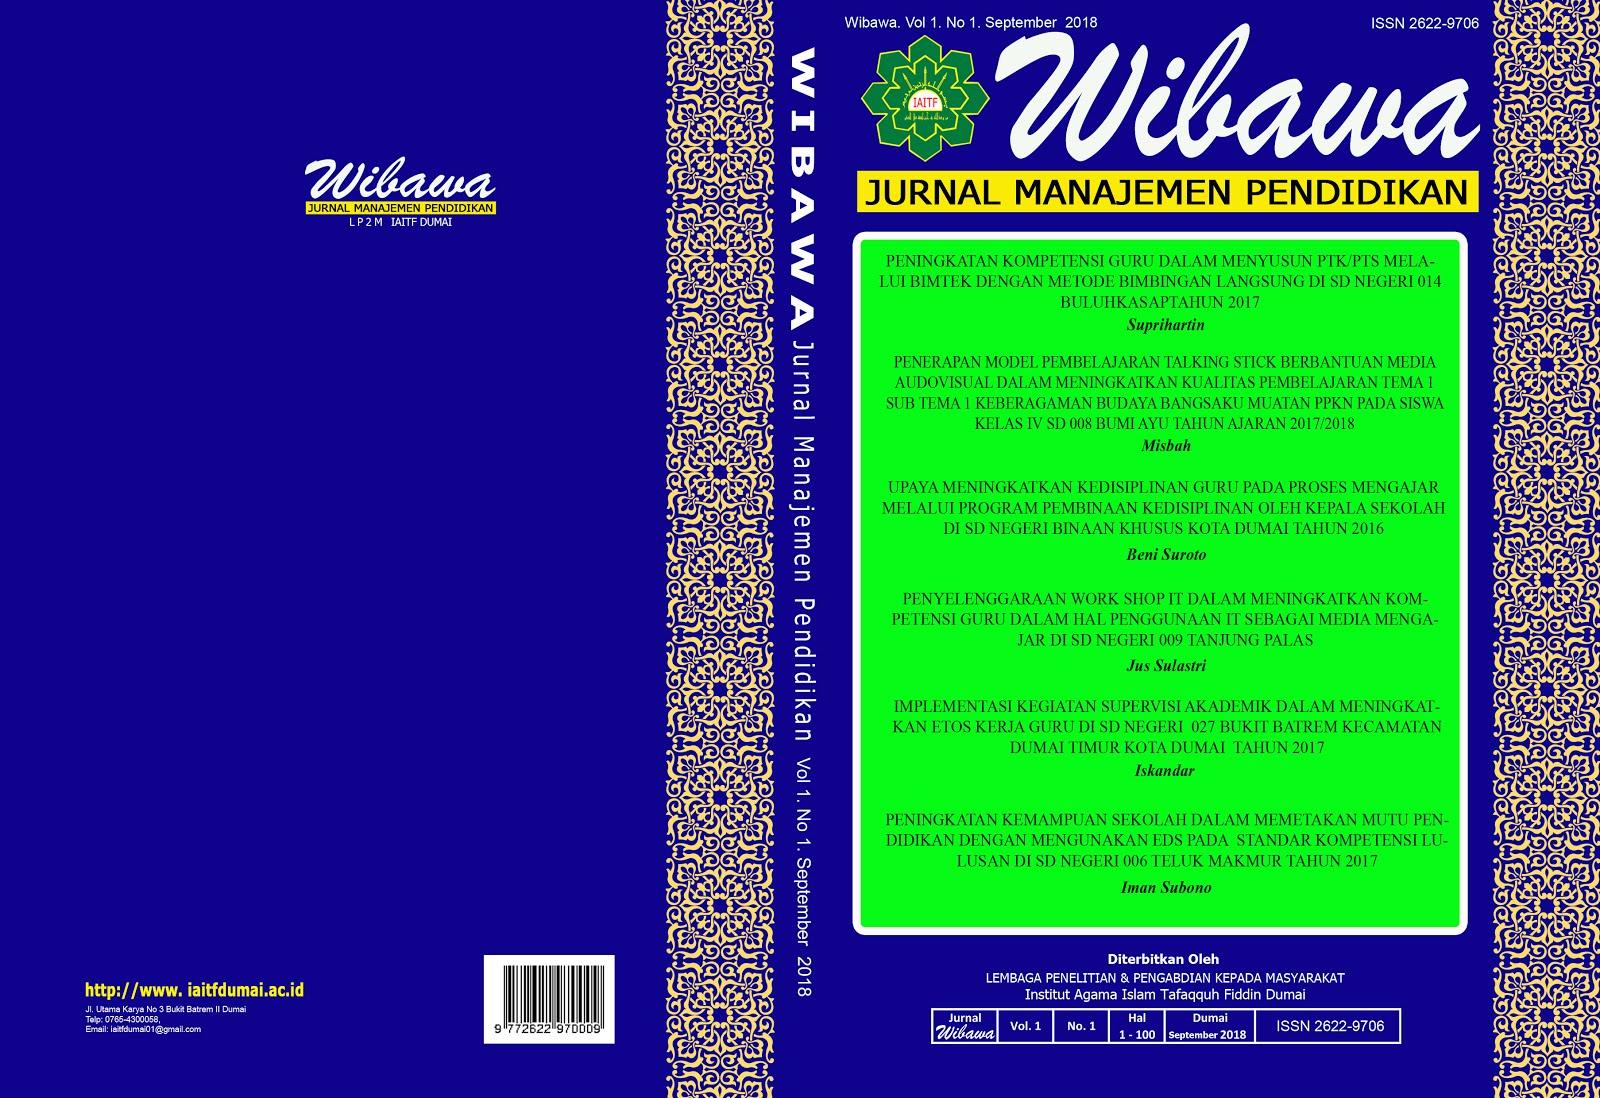 Jurnal Wibawa